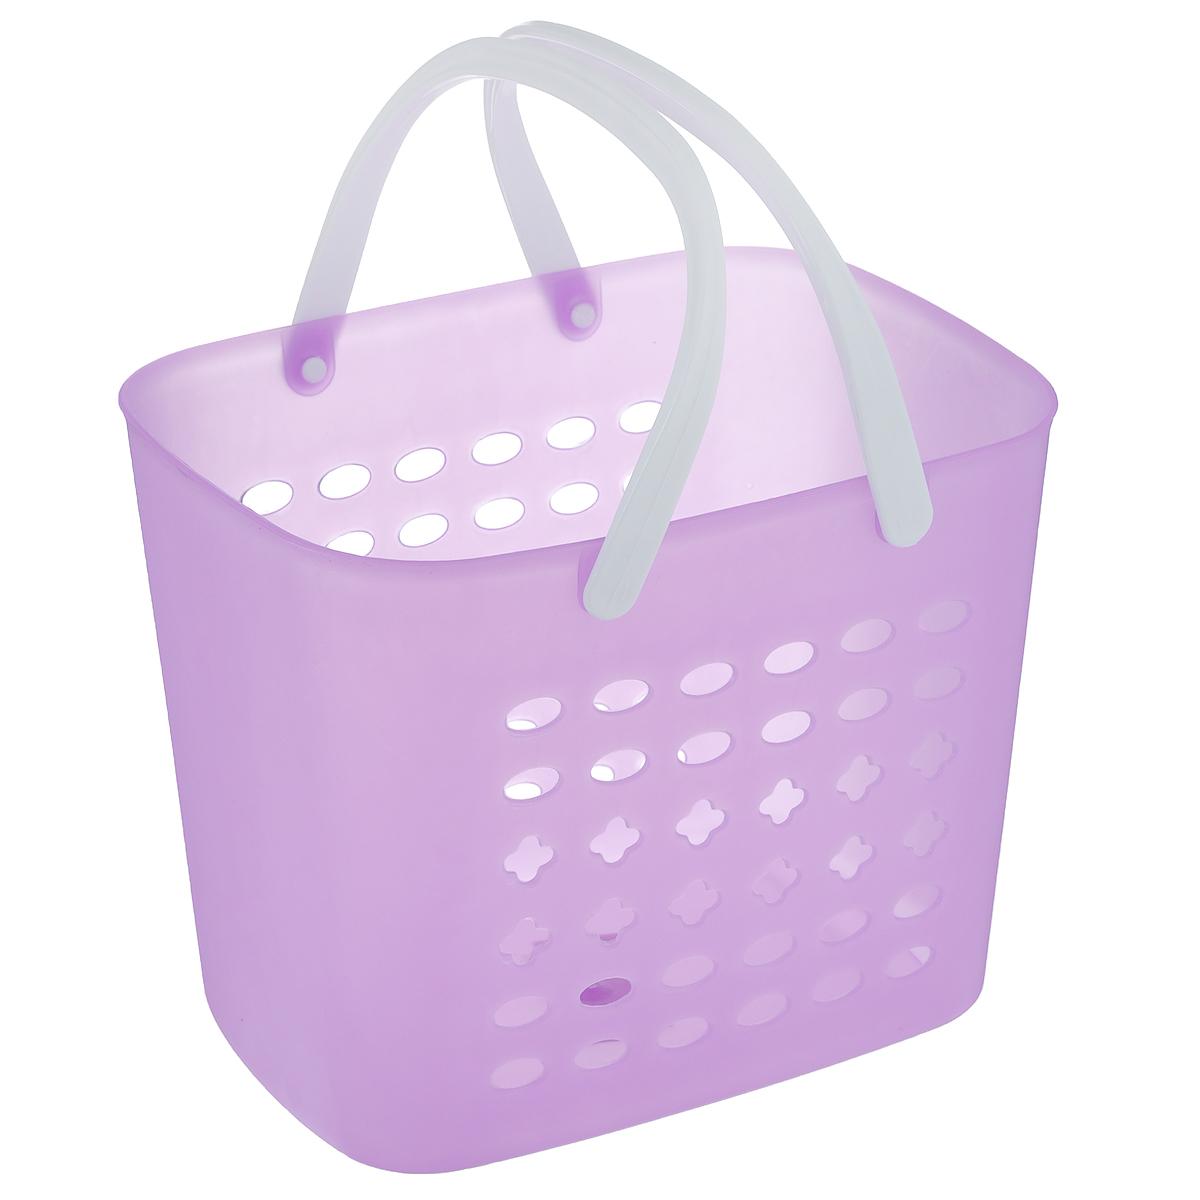 Корзина для хранения Sima-land, цвет: сиреневый, 23 х 17 х 18 см799929_сиреневыйПрямоугольная корзина Sima-land, изготовленная из пластика, предназначена для хранения мелочей в ванной, на кухне, даче или гараже. Корзина со сплошным дном, оснащена перфорированными стенками. Для удобства переноски корзины имеются пластиковые ручки. Элегантный выдержанный дизайн позволяет органично вписаться в ваш интерьер и стать его элементом.